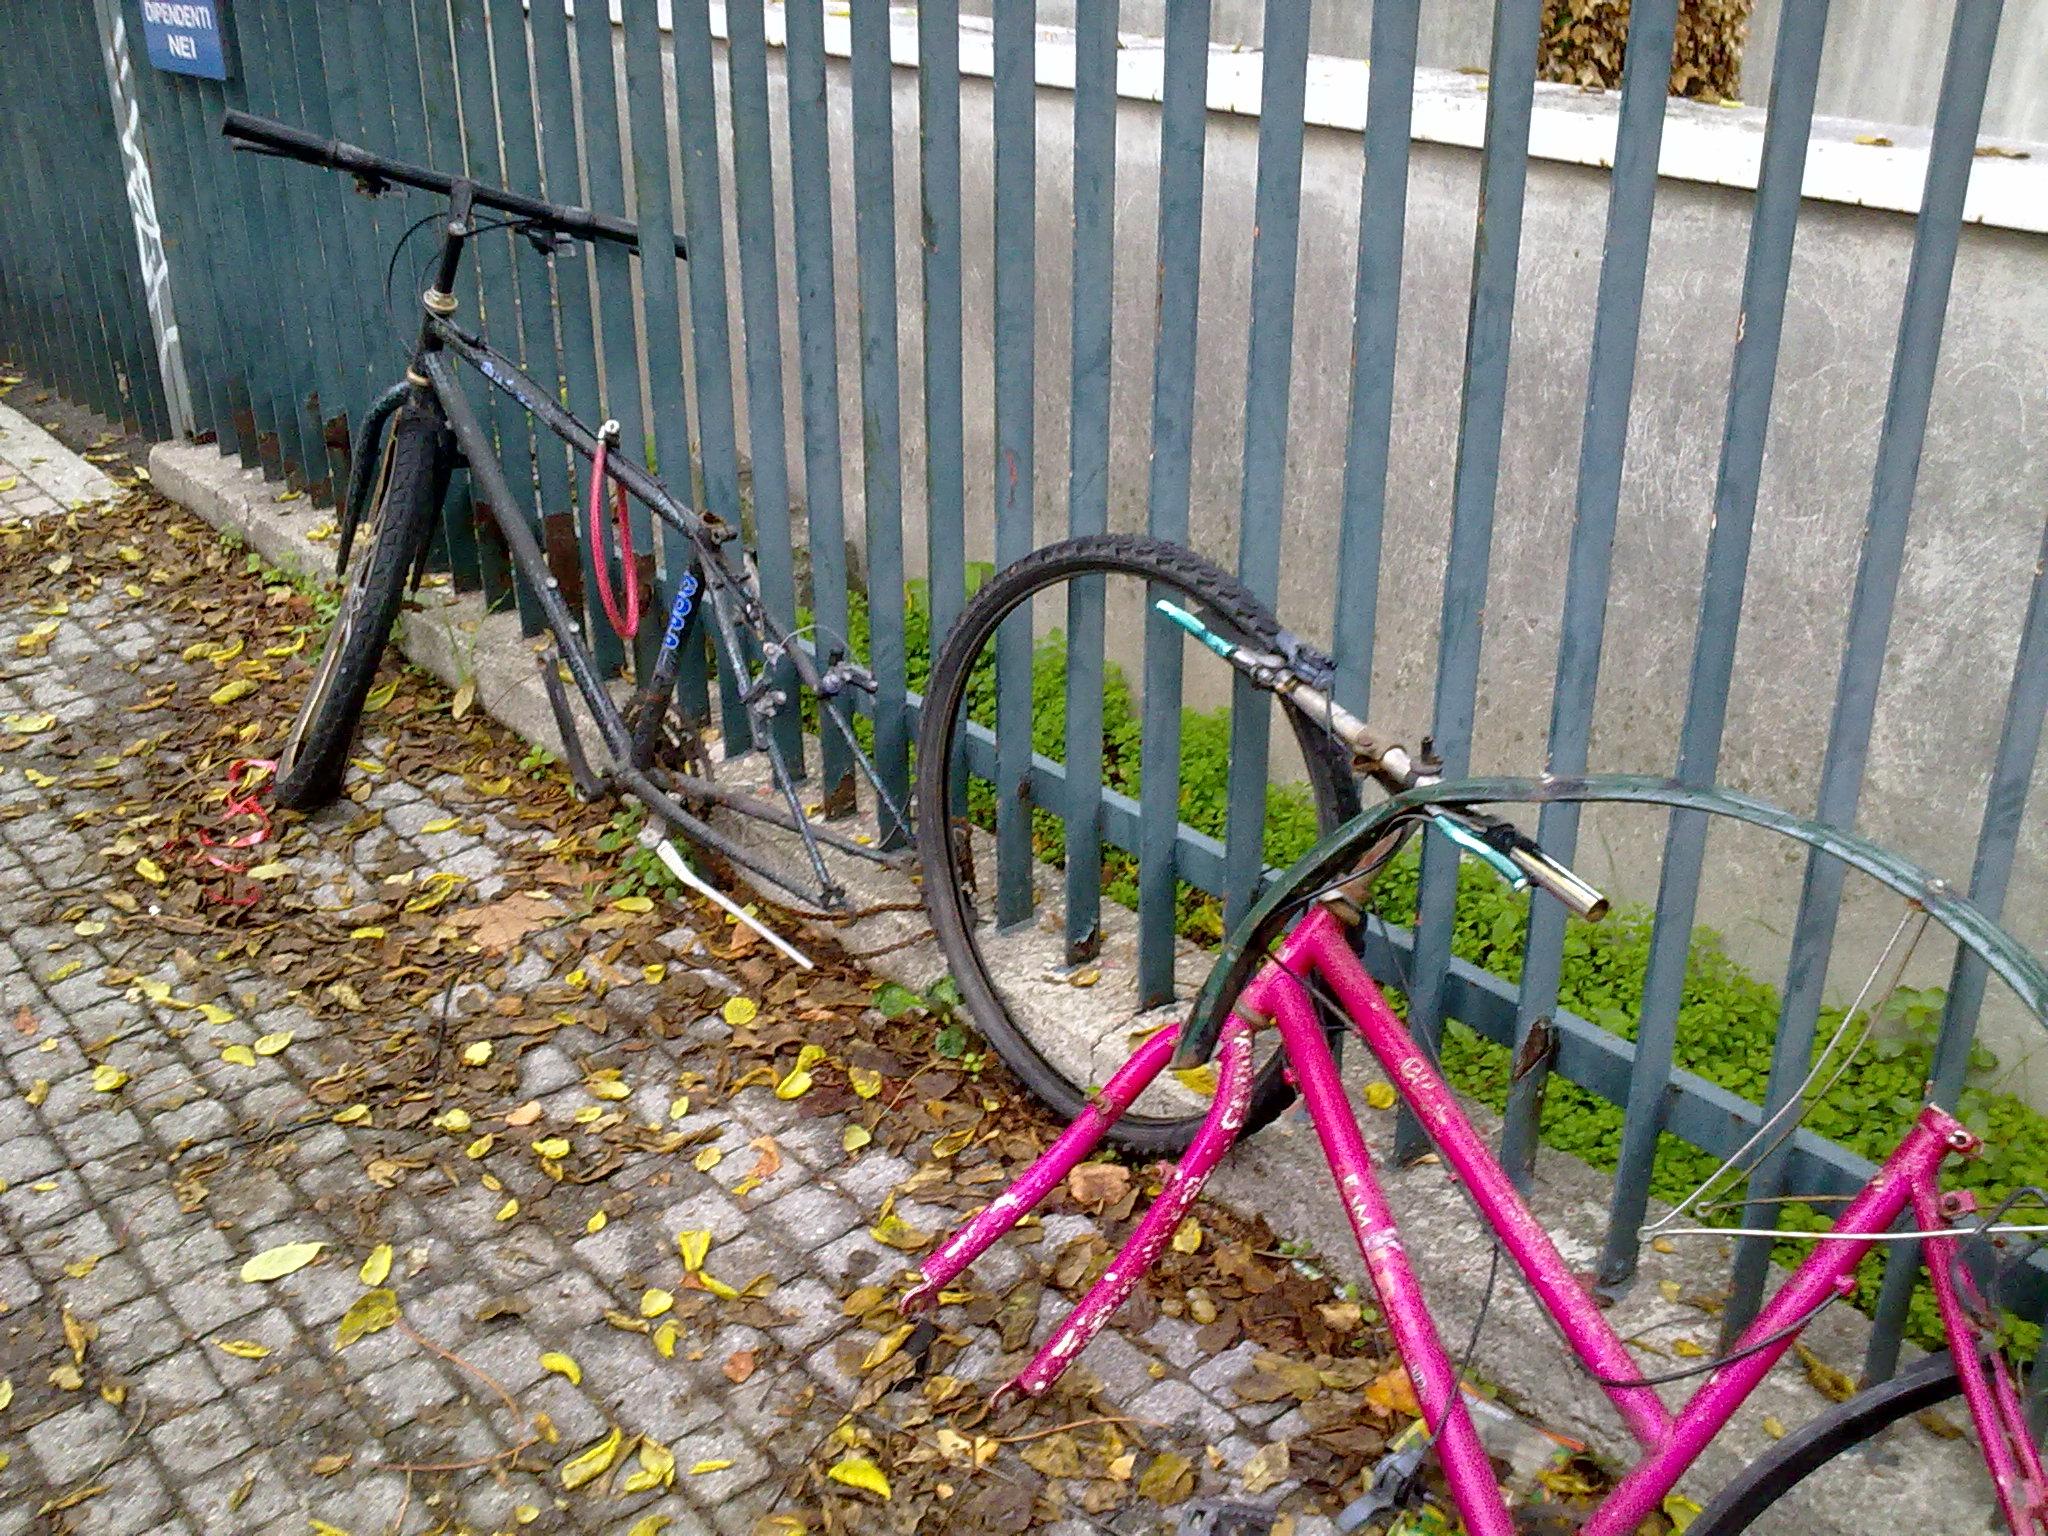 Bici rubate-2